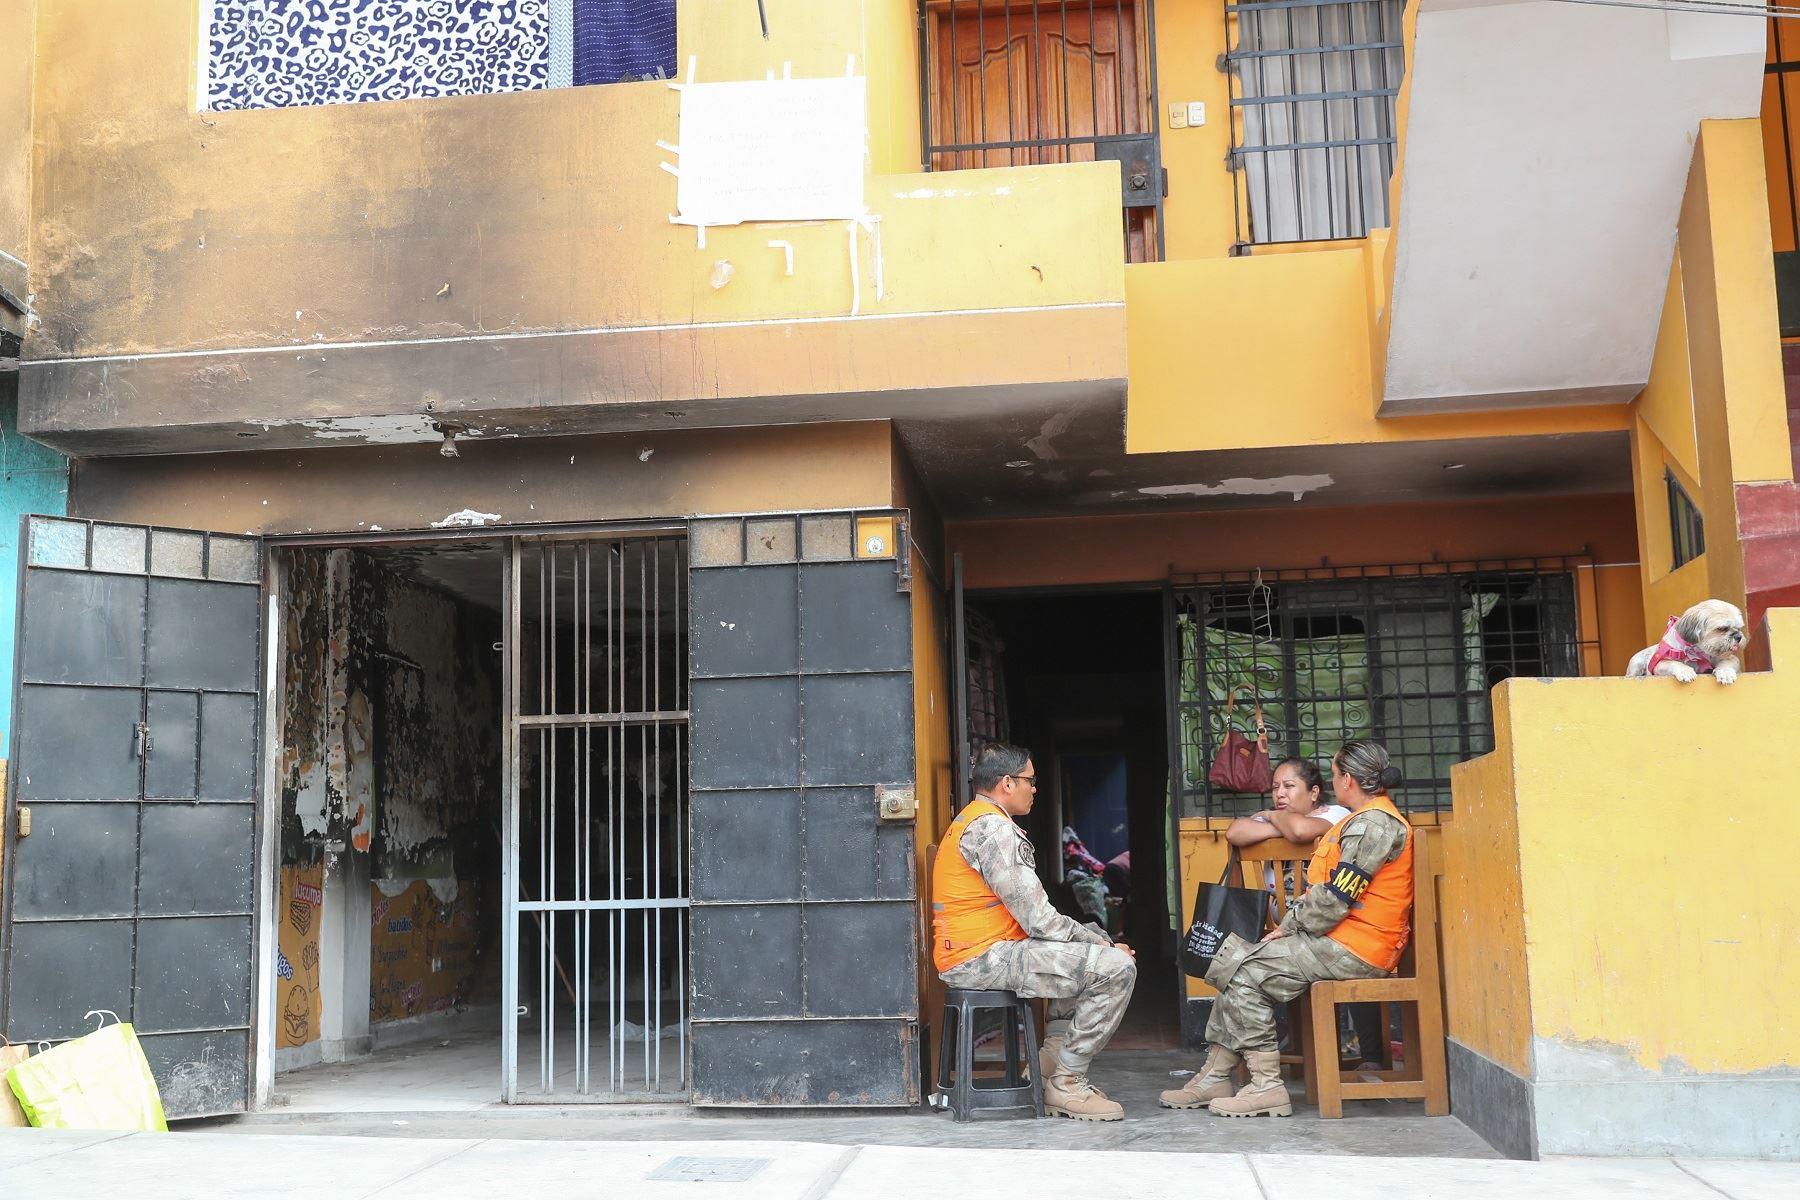 Oficiales de las Fuerzas Armadas acompañan a familias damnificadas de Villa El Salvador: Foto: Difusión.